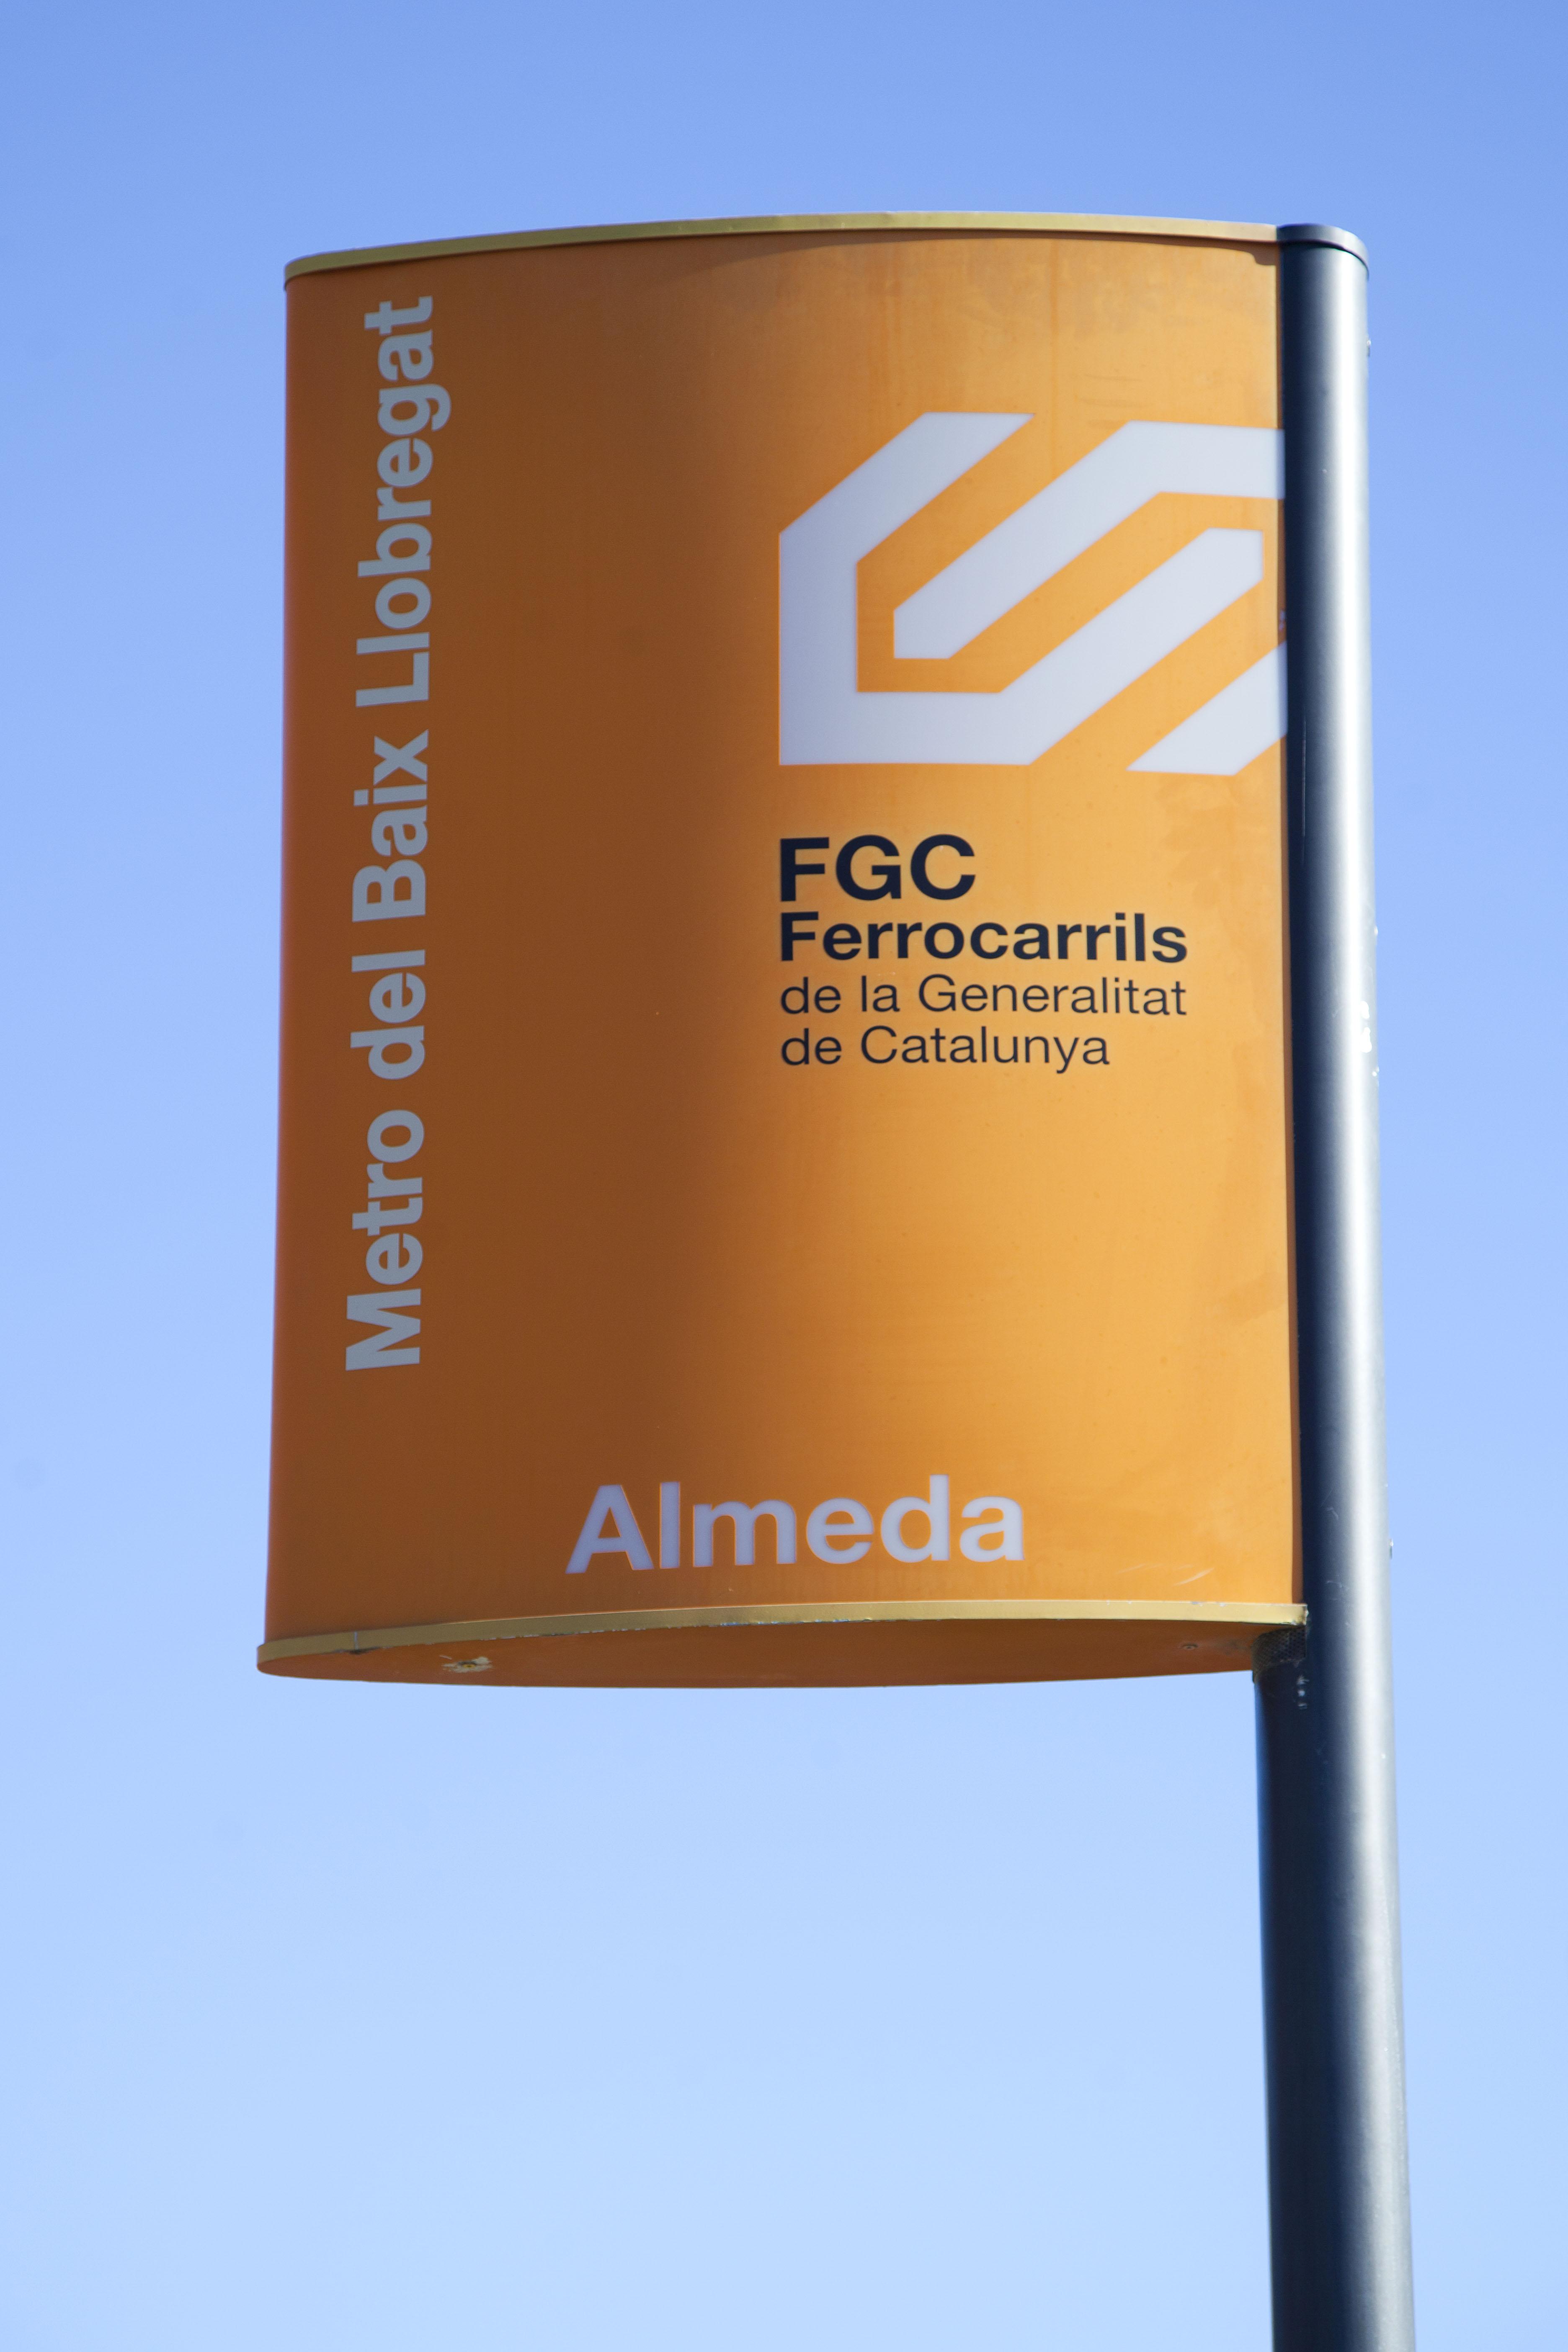 ALMEDA -FGC-